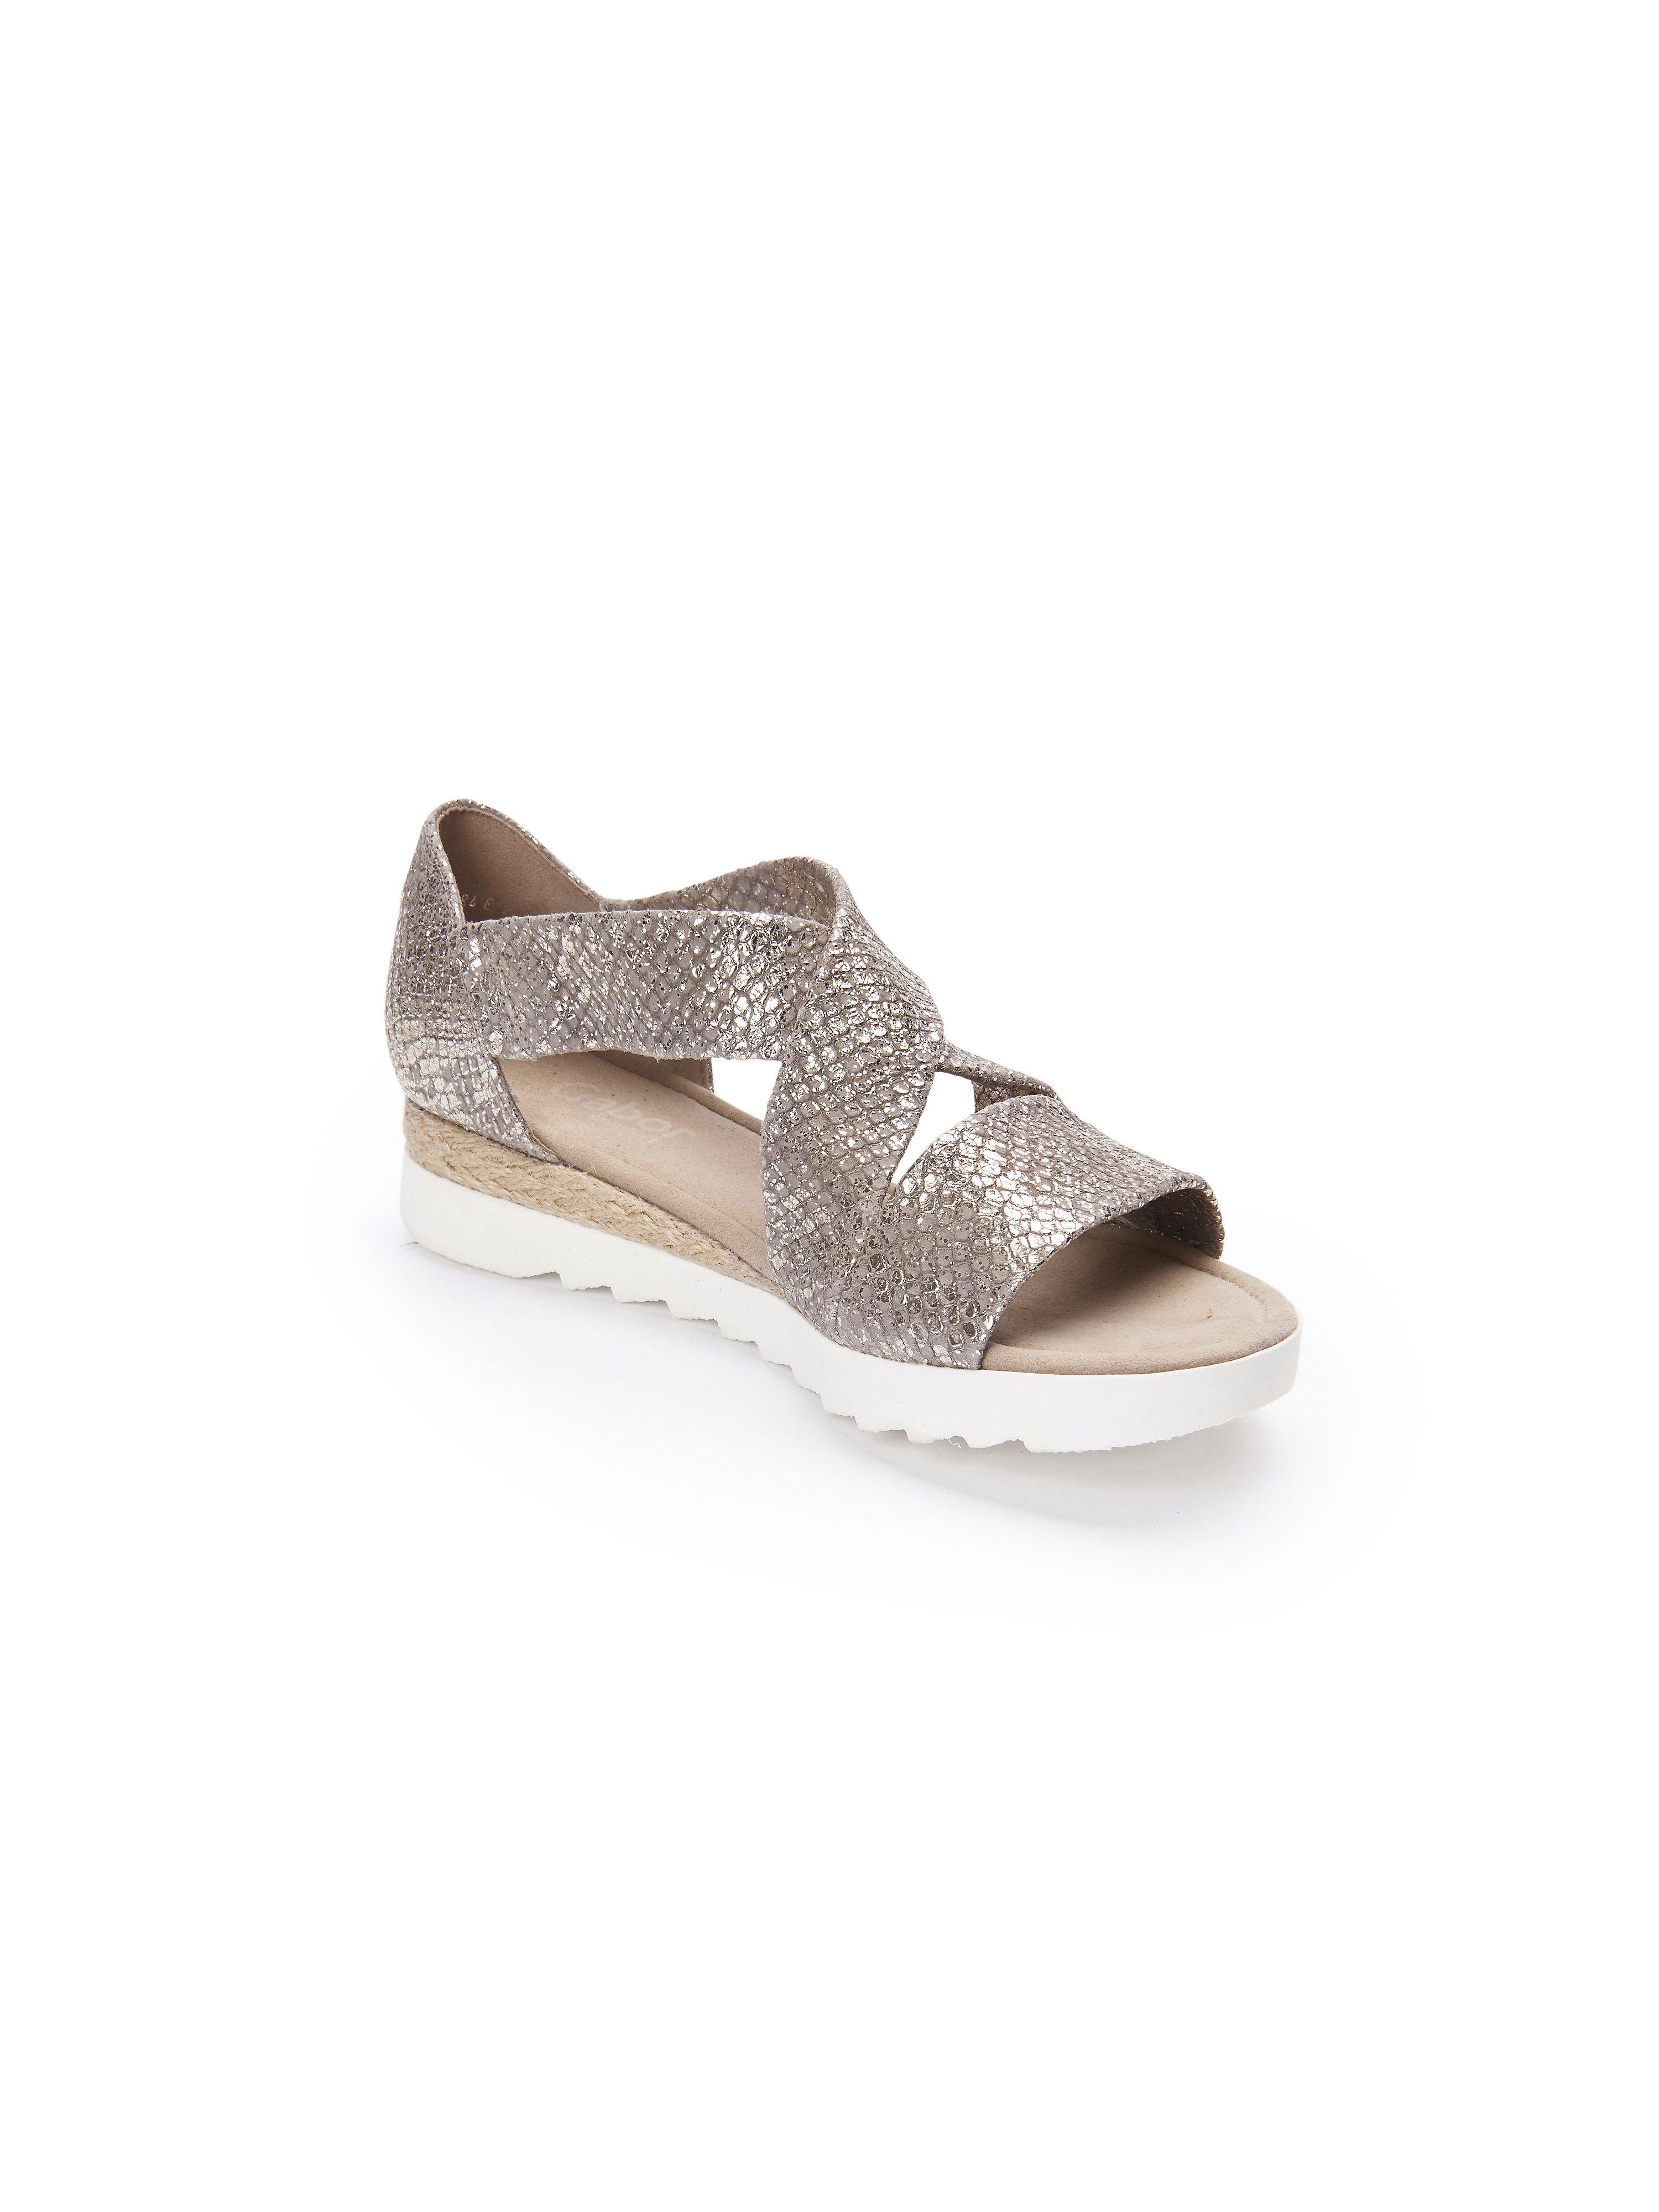 Gabor - Sandale aus 100% Leder - Taupe-Metallic Gute Qualität beliebte Schuhe